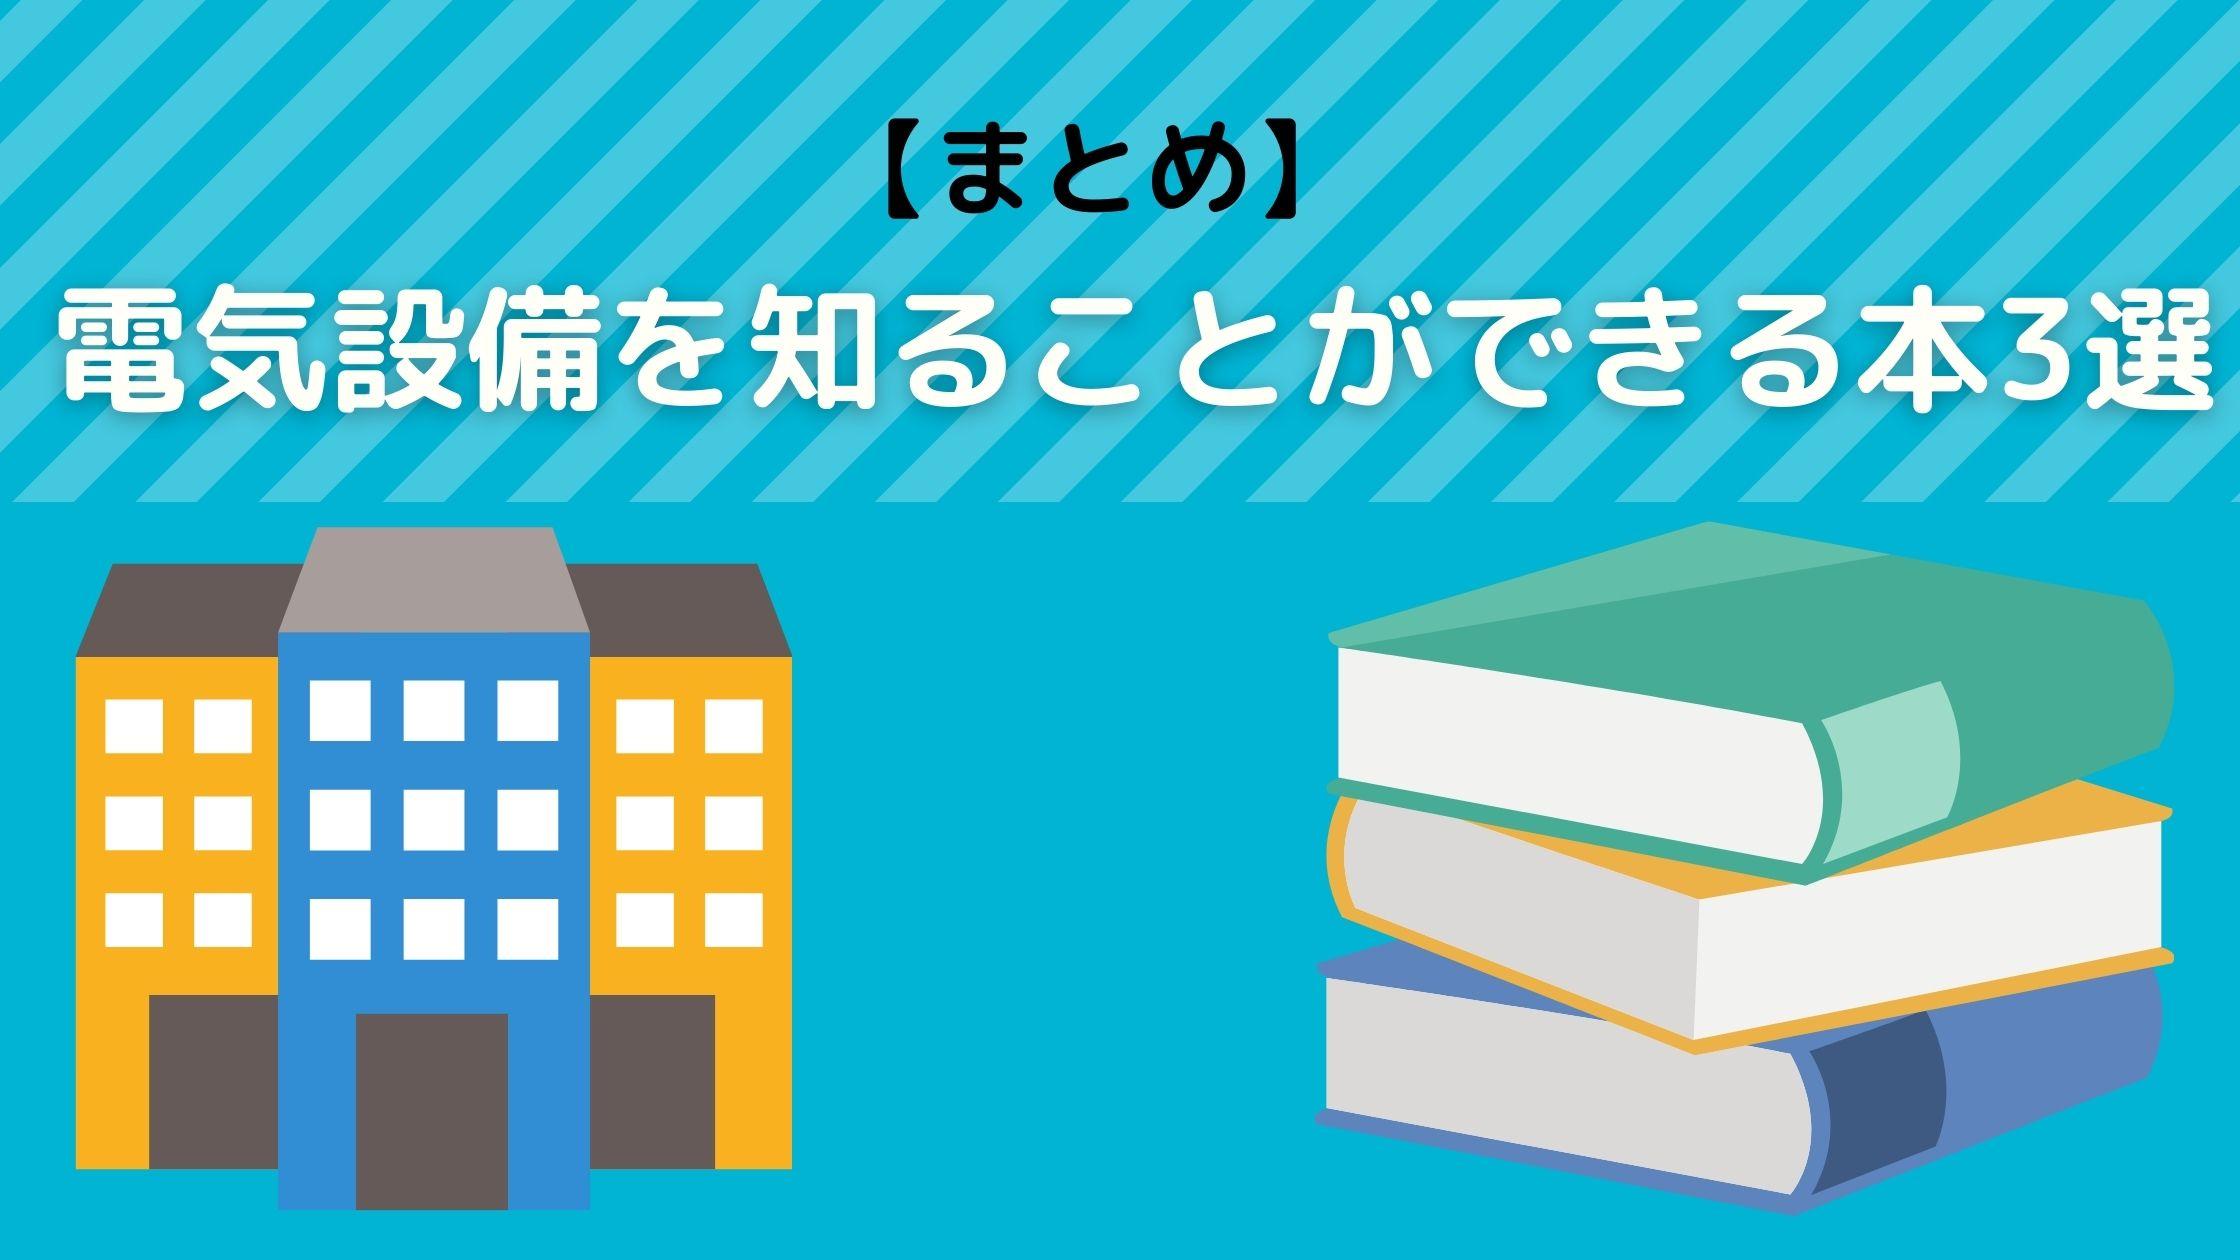 【まとめ】電気設備を知ることができる本3選